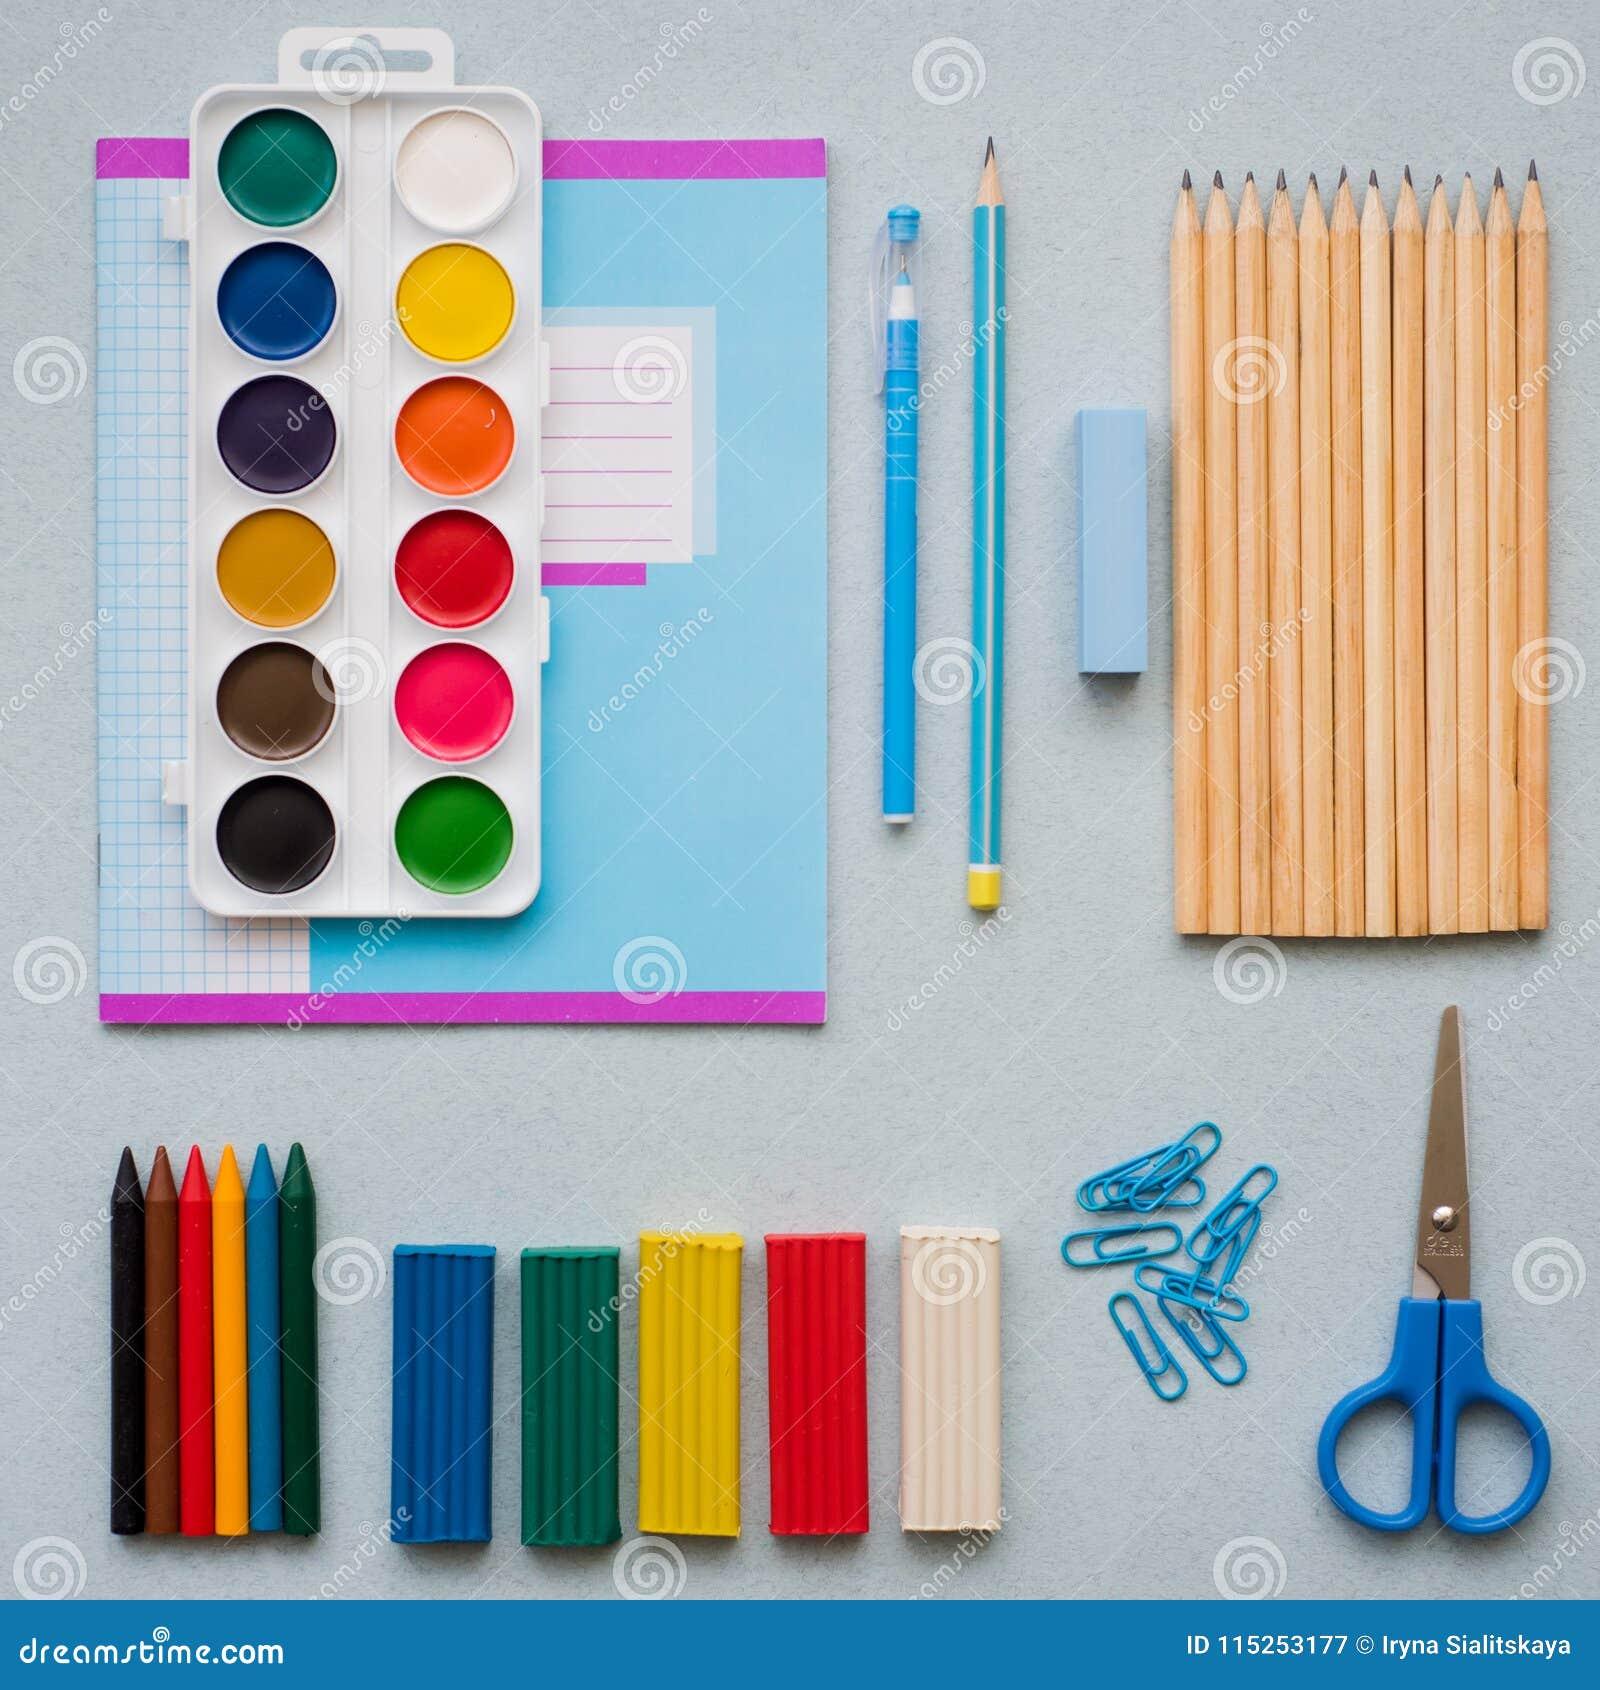 Voor een blauwe achtergrond, schooltoebehoren en een pen, kleurpotloden, een paar kompassen, een paar kompassen, een paar van sch